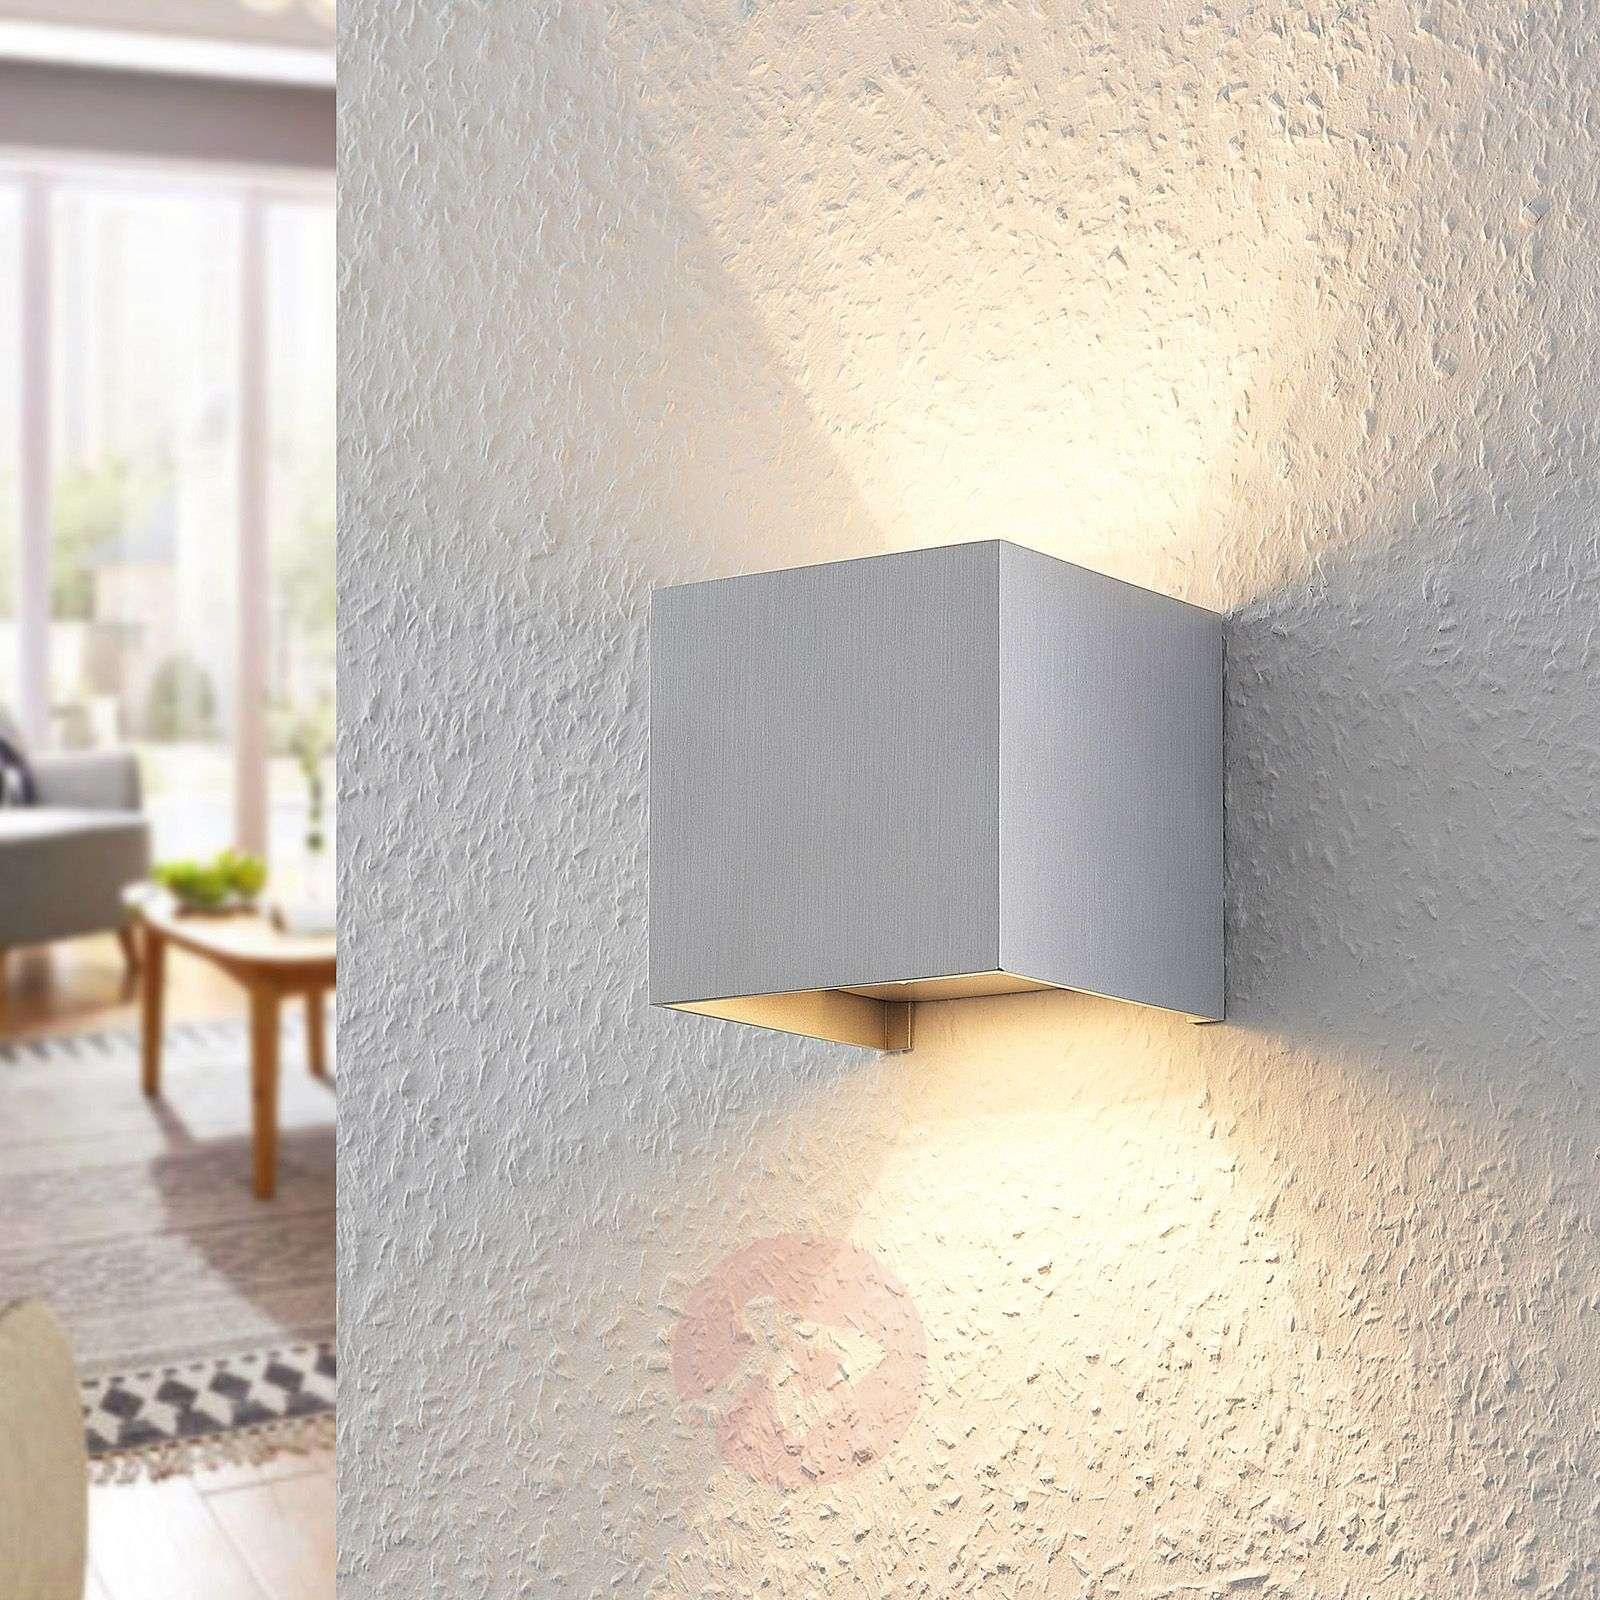 Zuzana – Alumiininen seinävalaisin, jossa G9-LED